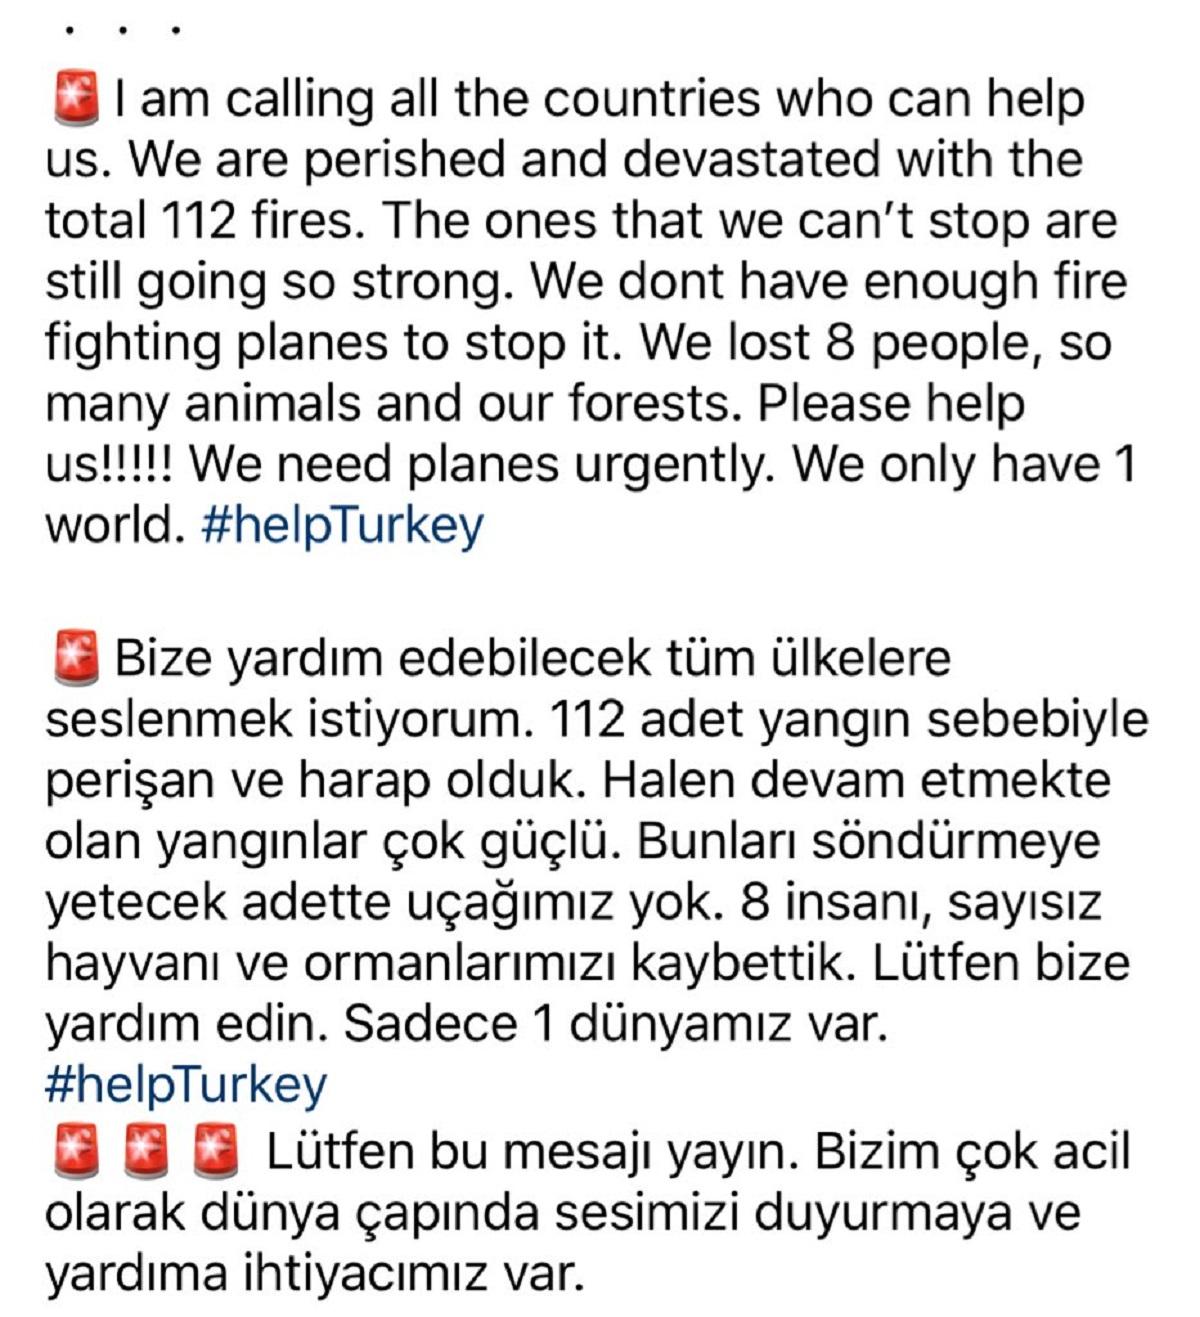 Vatandaşlar orman yangınlarıyla mücadelede dünyadan destek istiyor! #helpturkey sosyal medyada dünya gündemine girdi